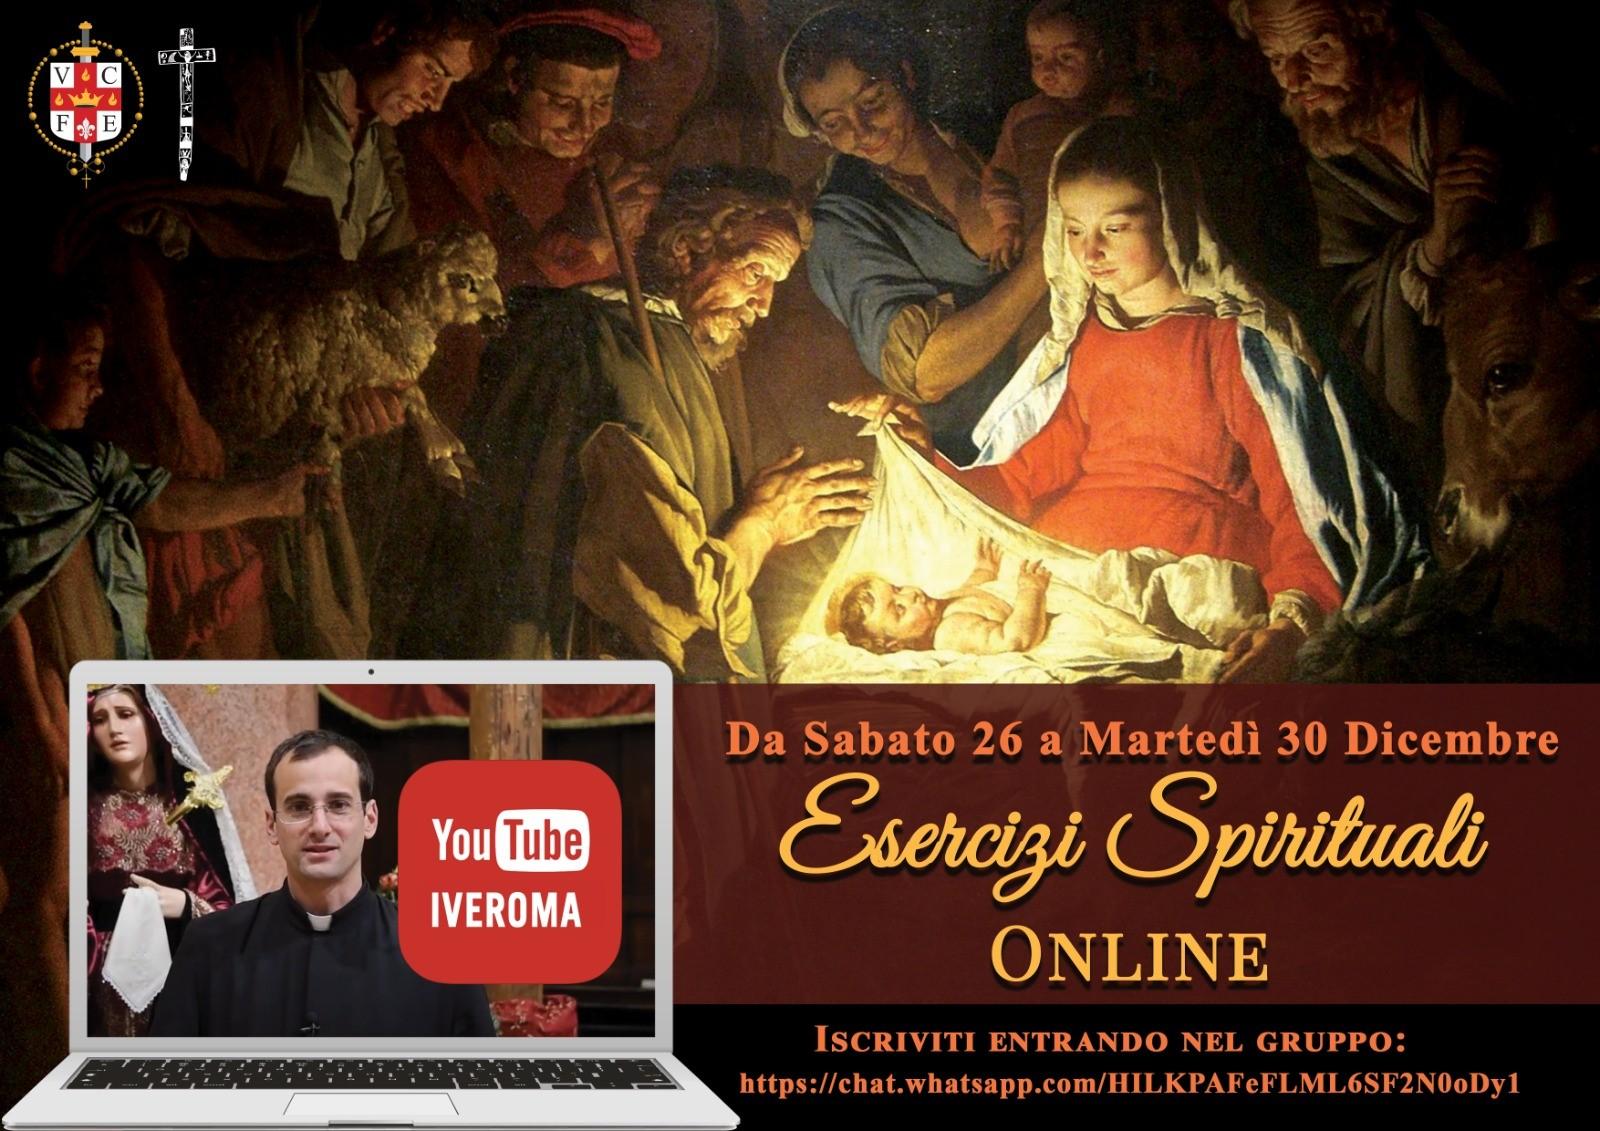 Ejercicios Espirituales de Navidad por internet en Italia